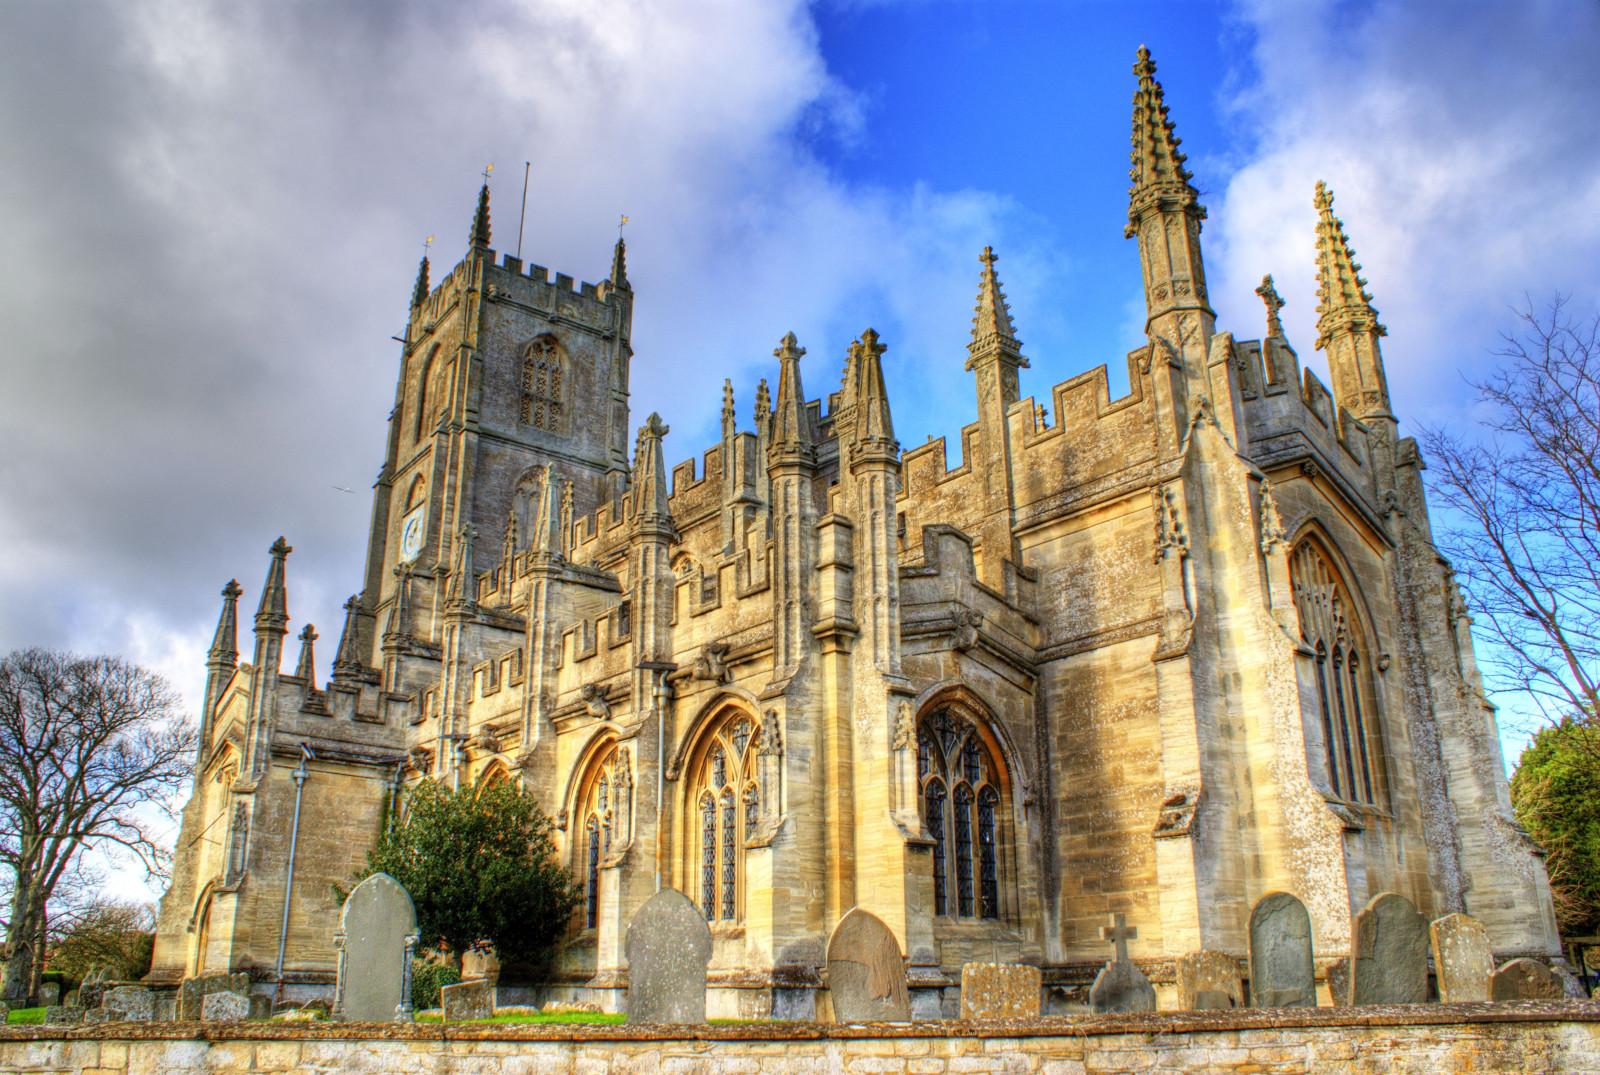 Sfondi sito storico architettura medievale cattedrale for Sito storico